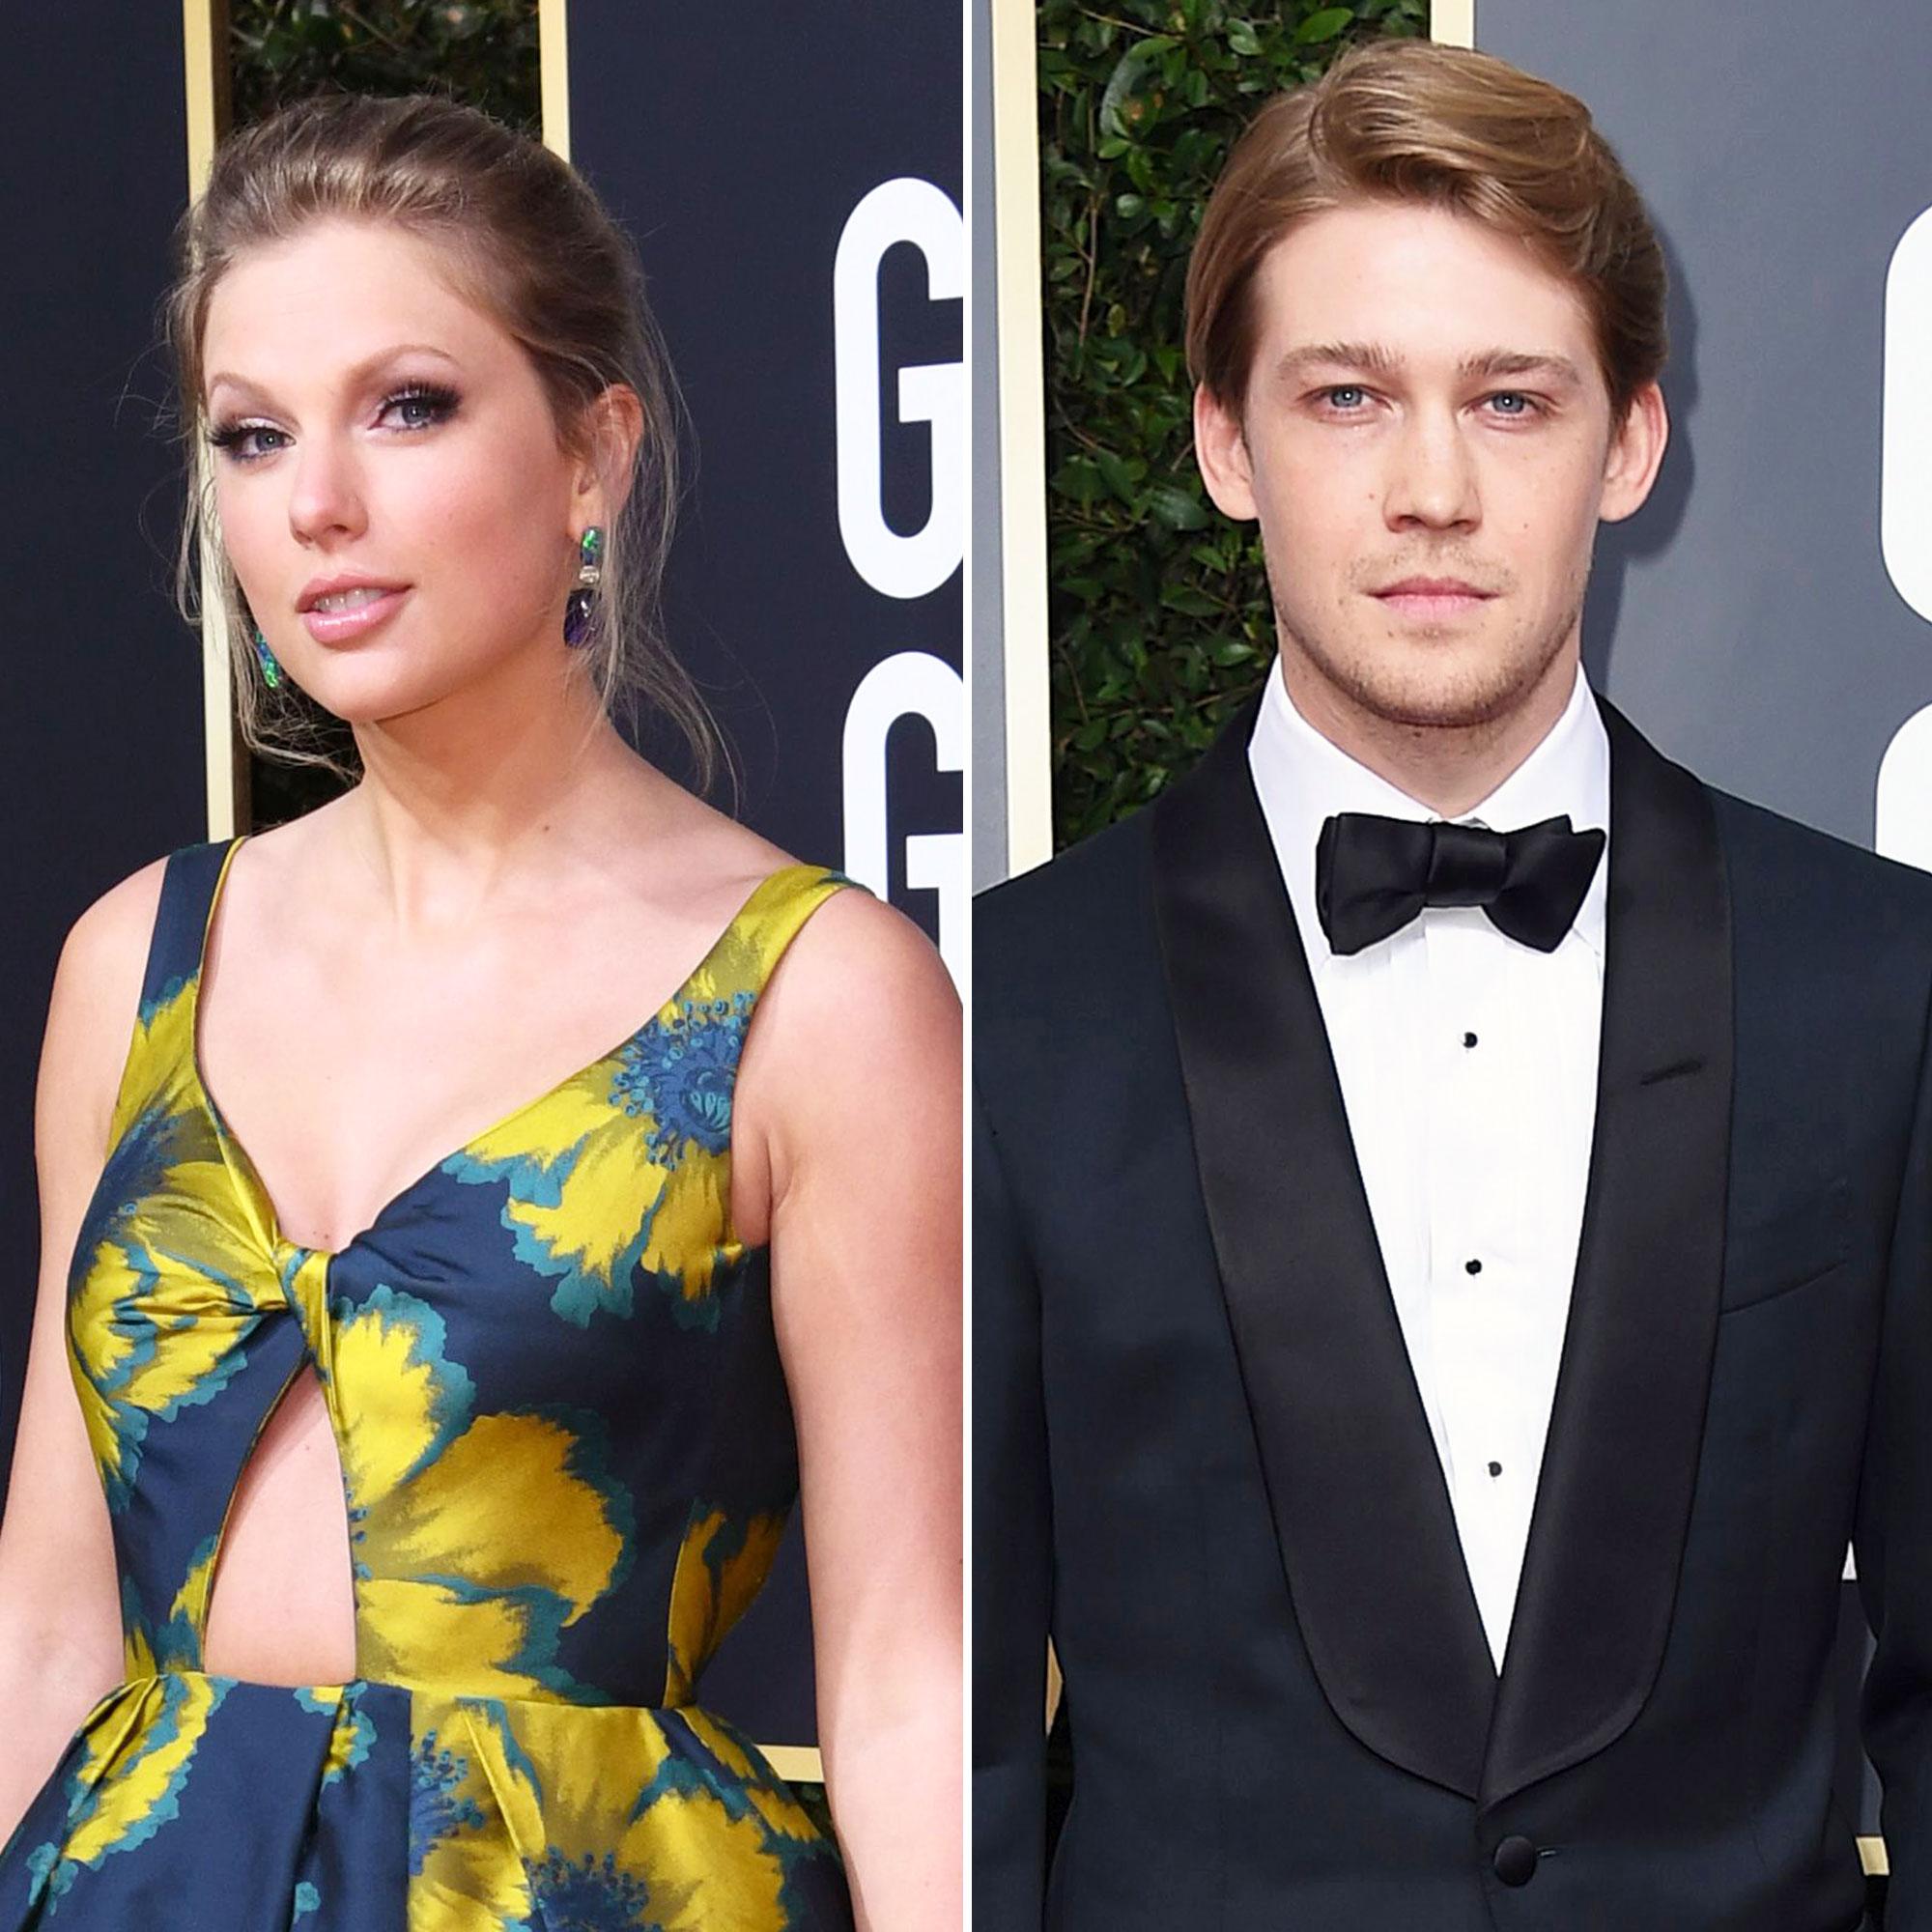 Taylor Swift Attends Golden Globes 2020 With Boyfriend Joe Alwyn